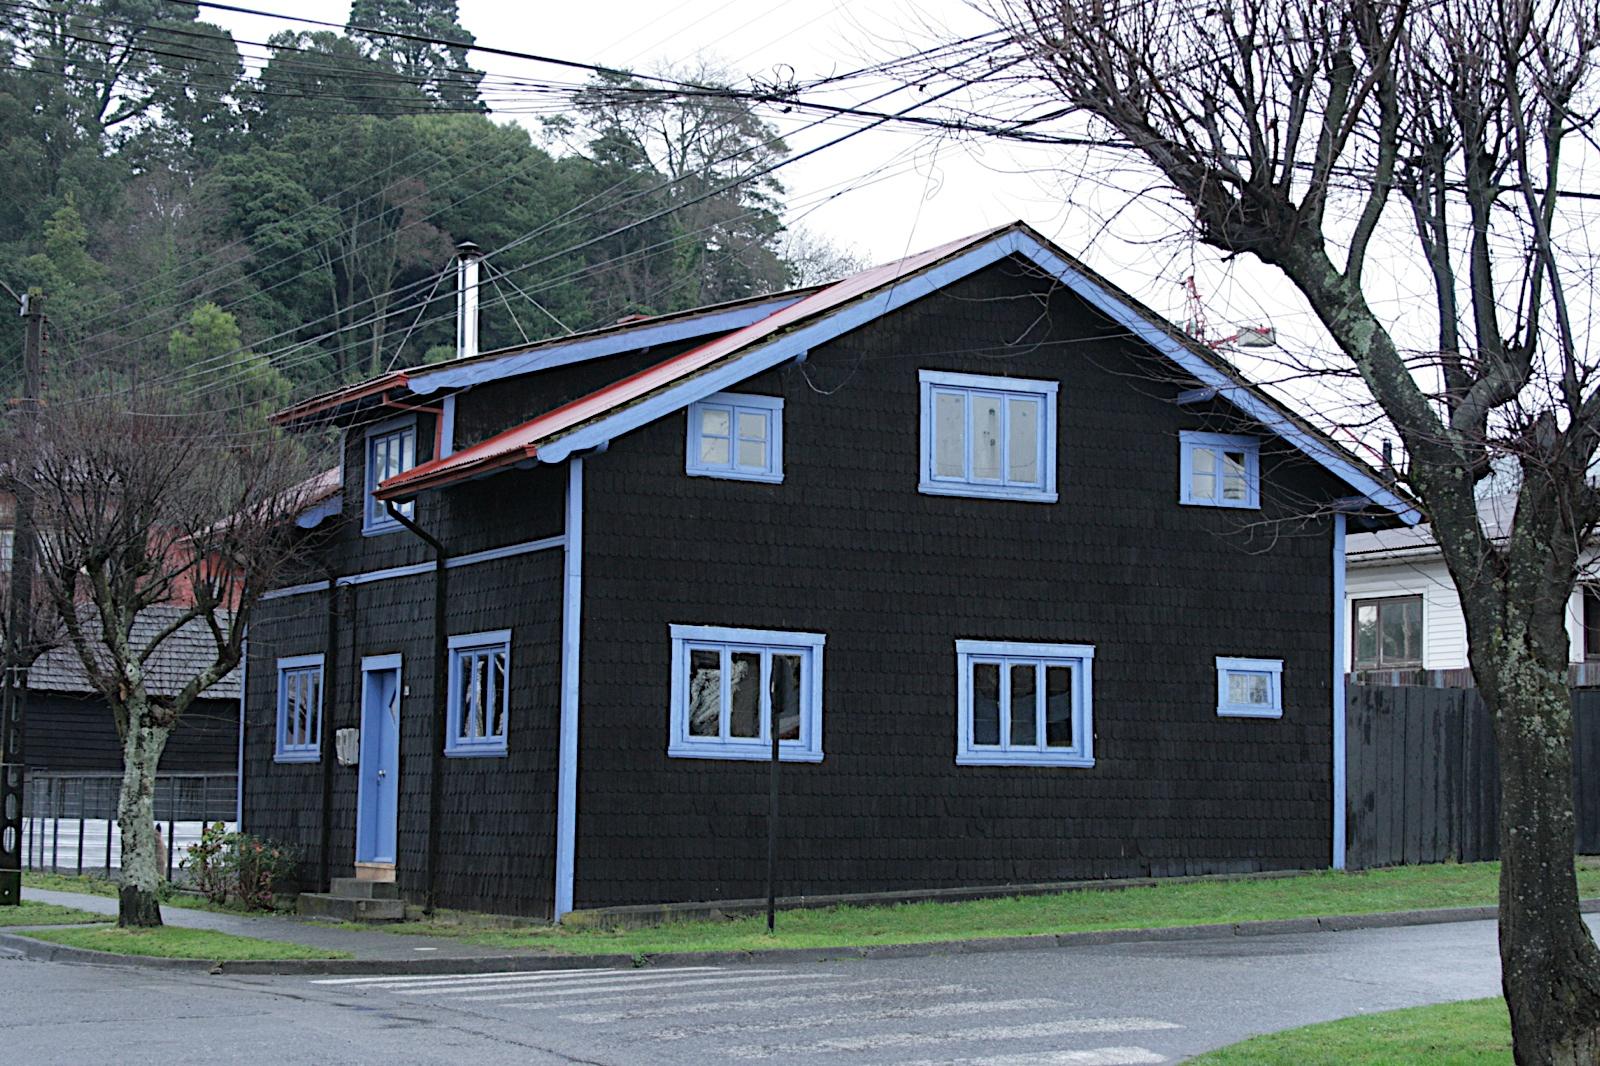 Casas pintadas en gris top la evolucin de una casa ud - Casas de madera pintadas ...